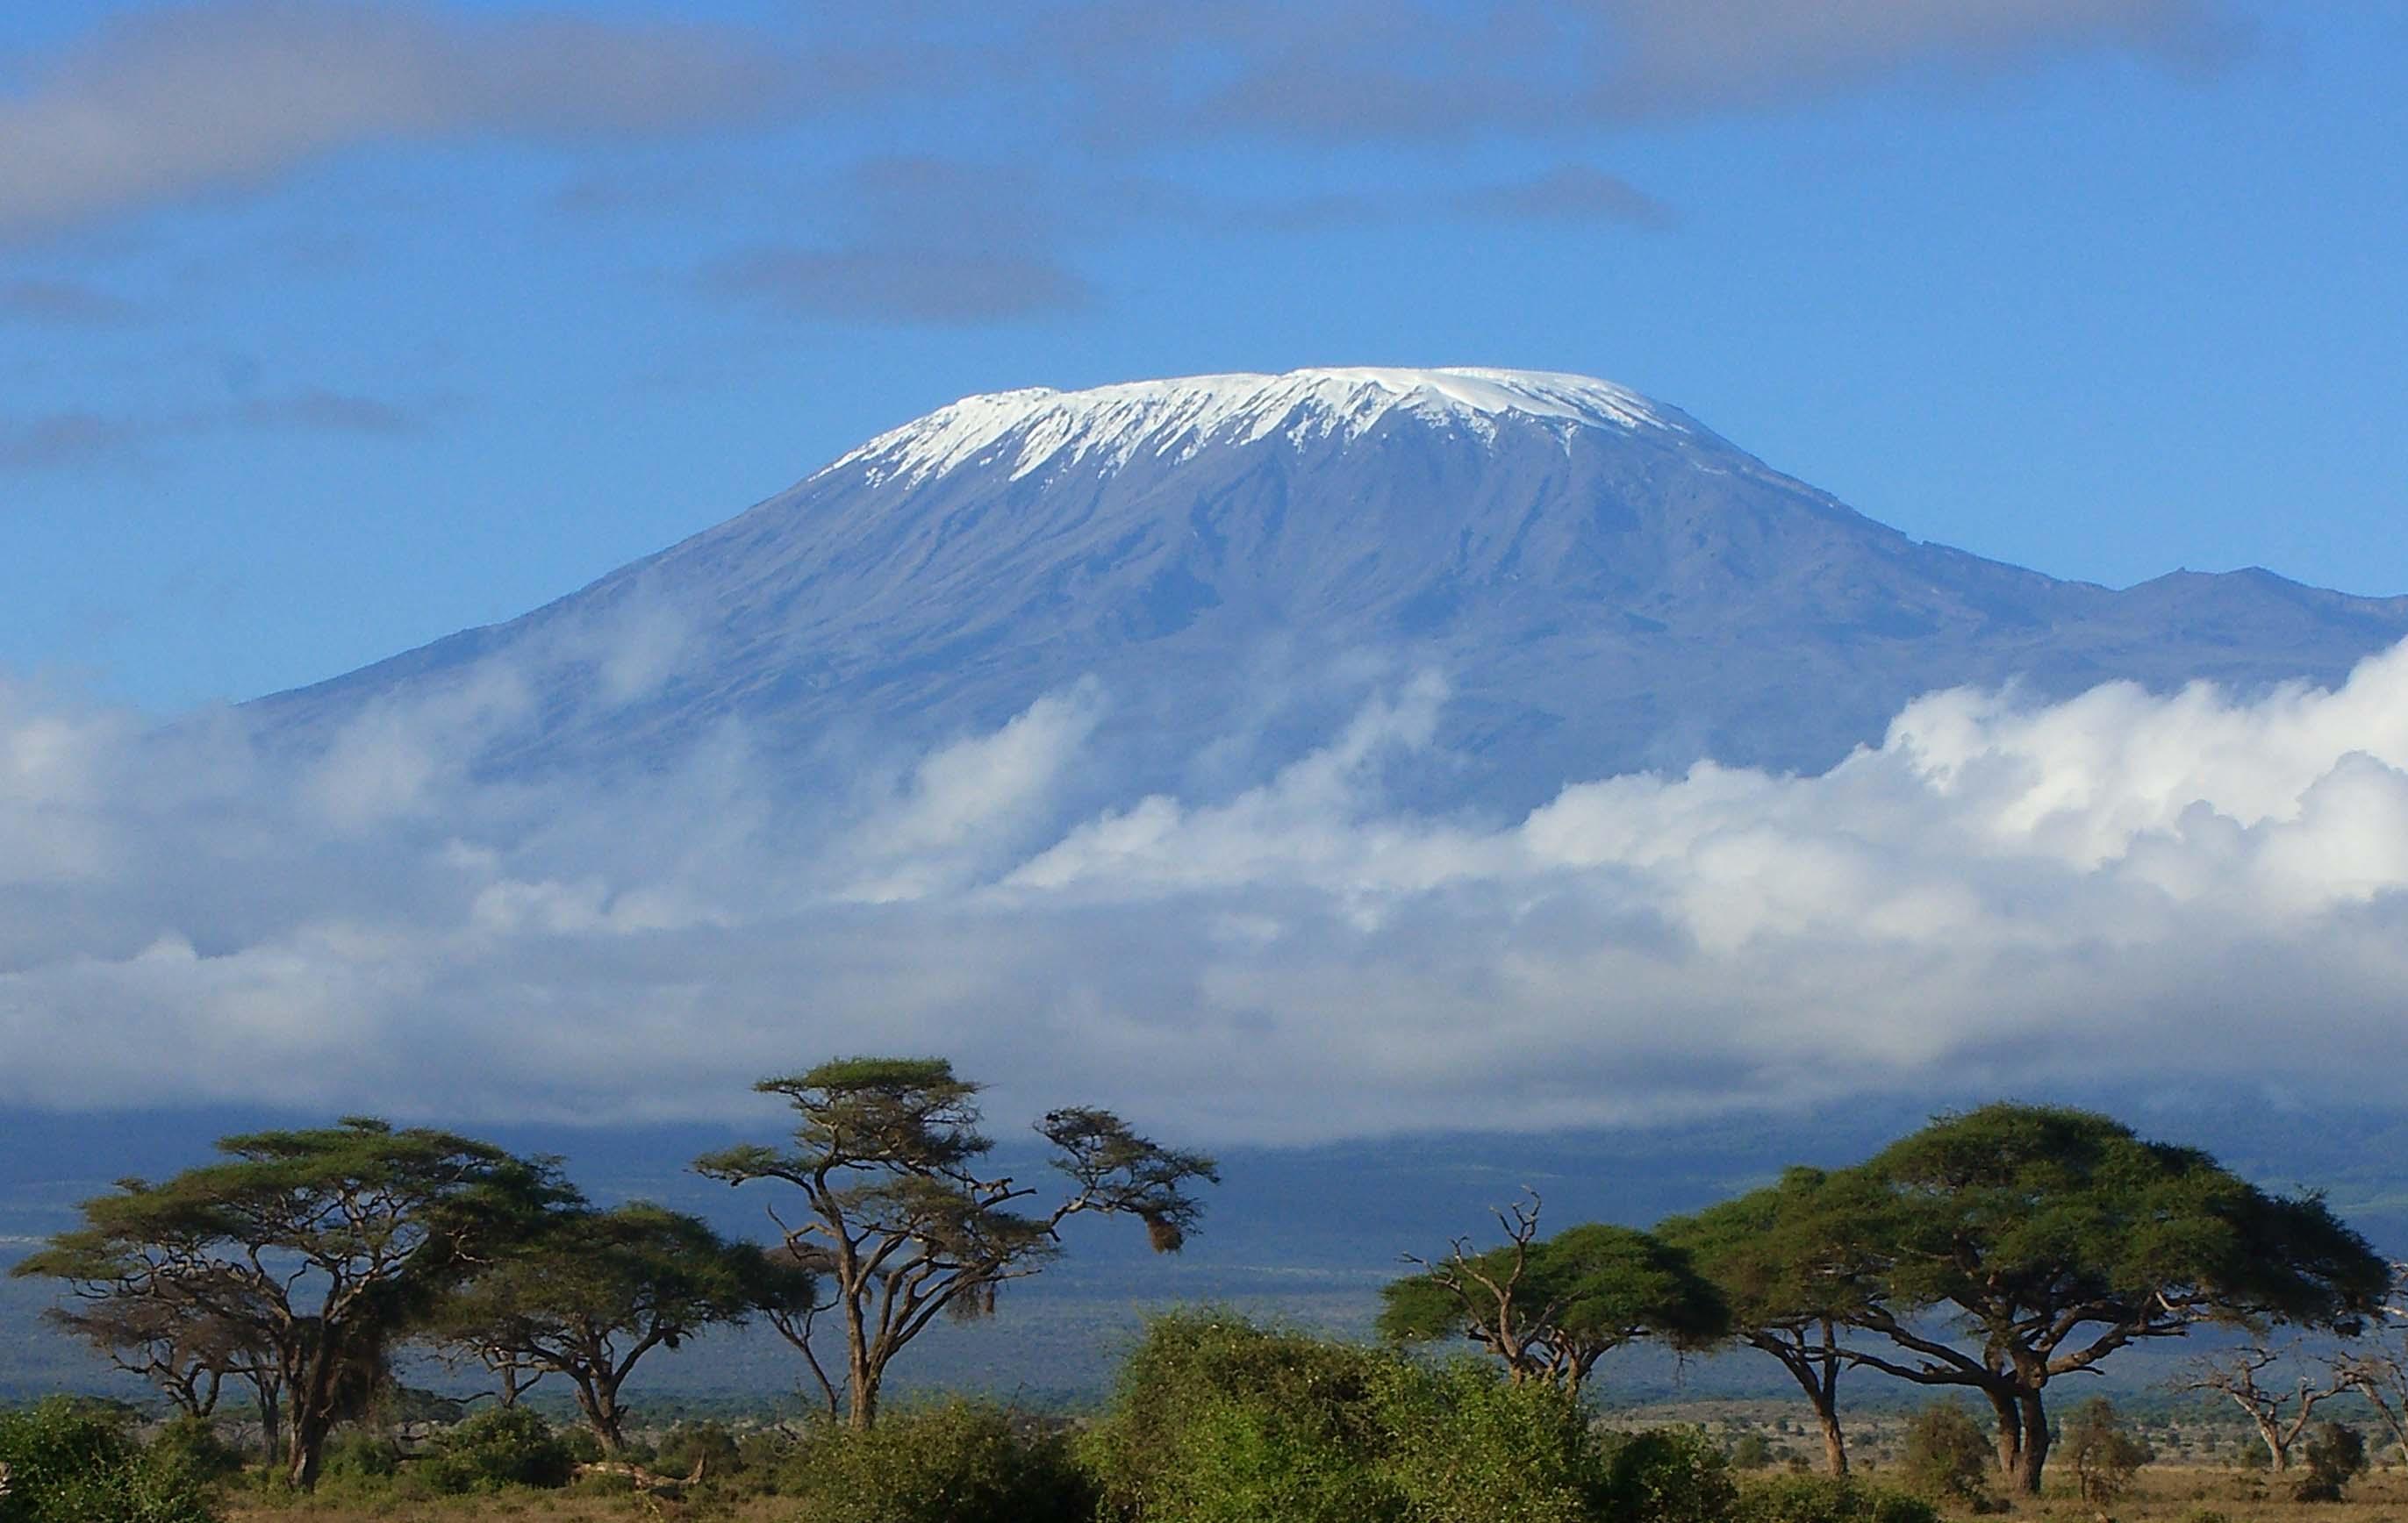 Африка-Килиманджаро-Танзания